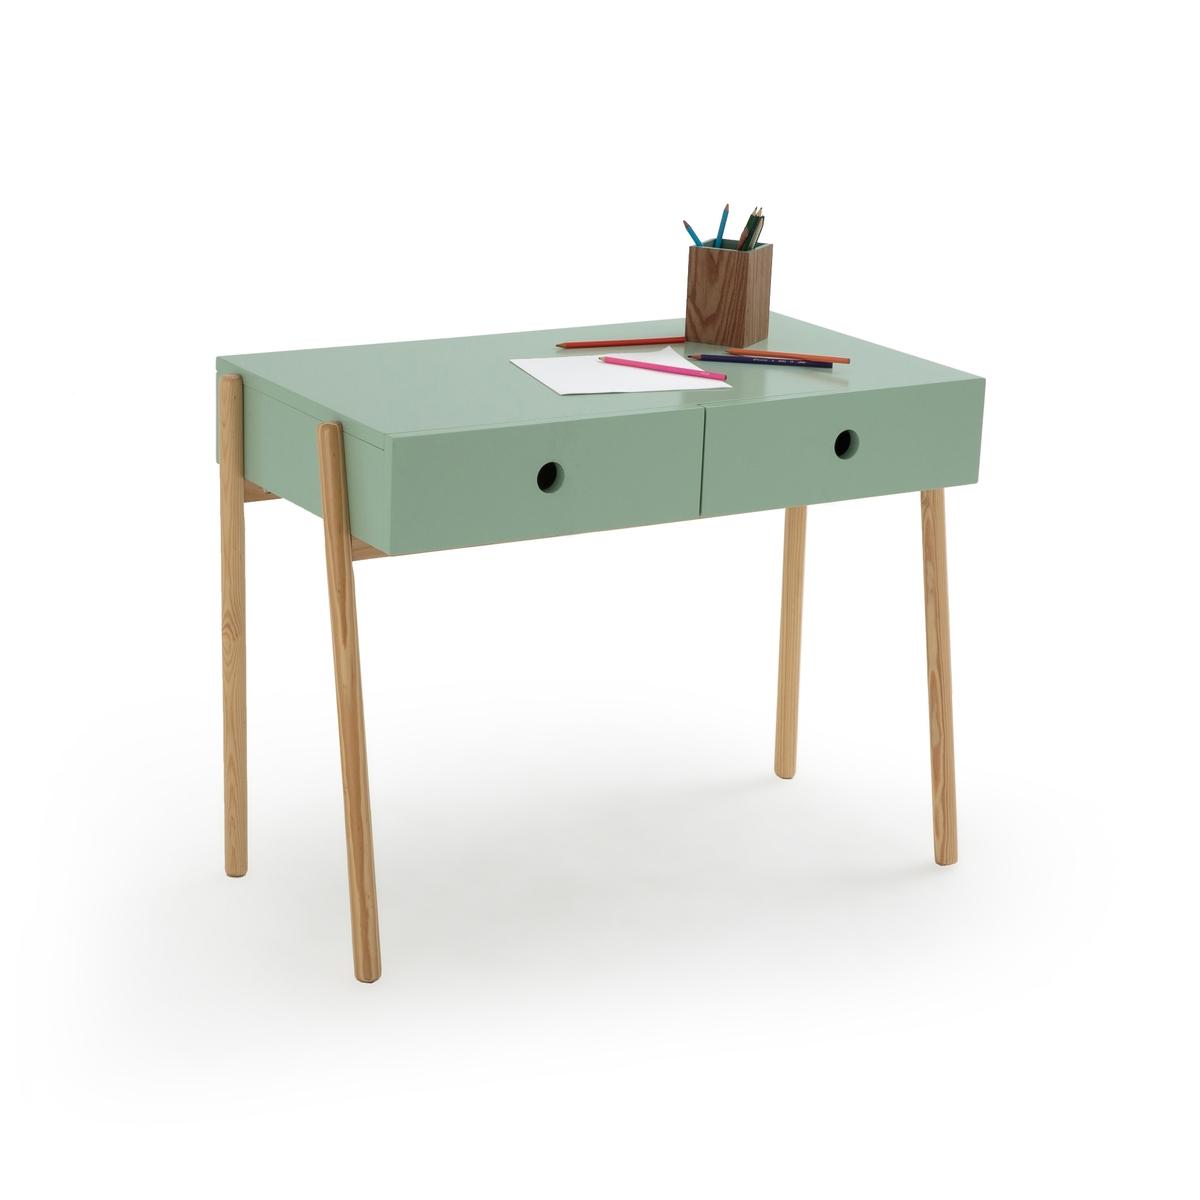 Стол La Redoute Письменный детский с ящиками Wallet единый размер зеленый стол письменный из массива сосны gaby